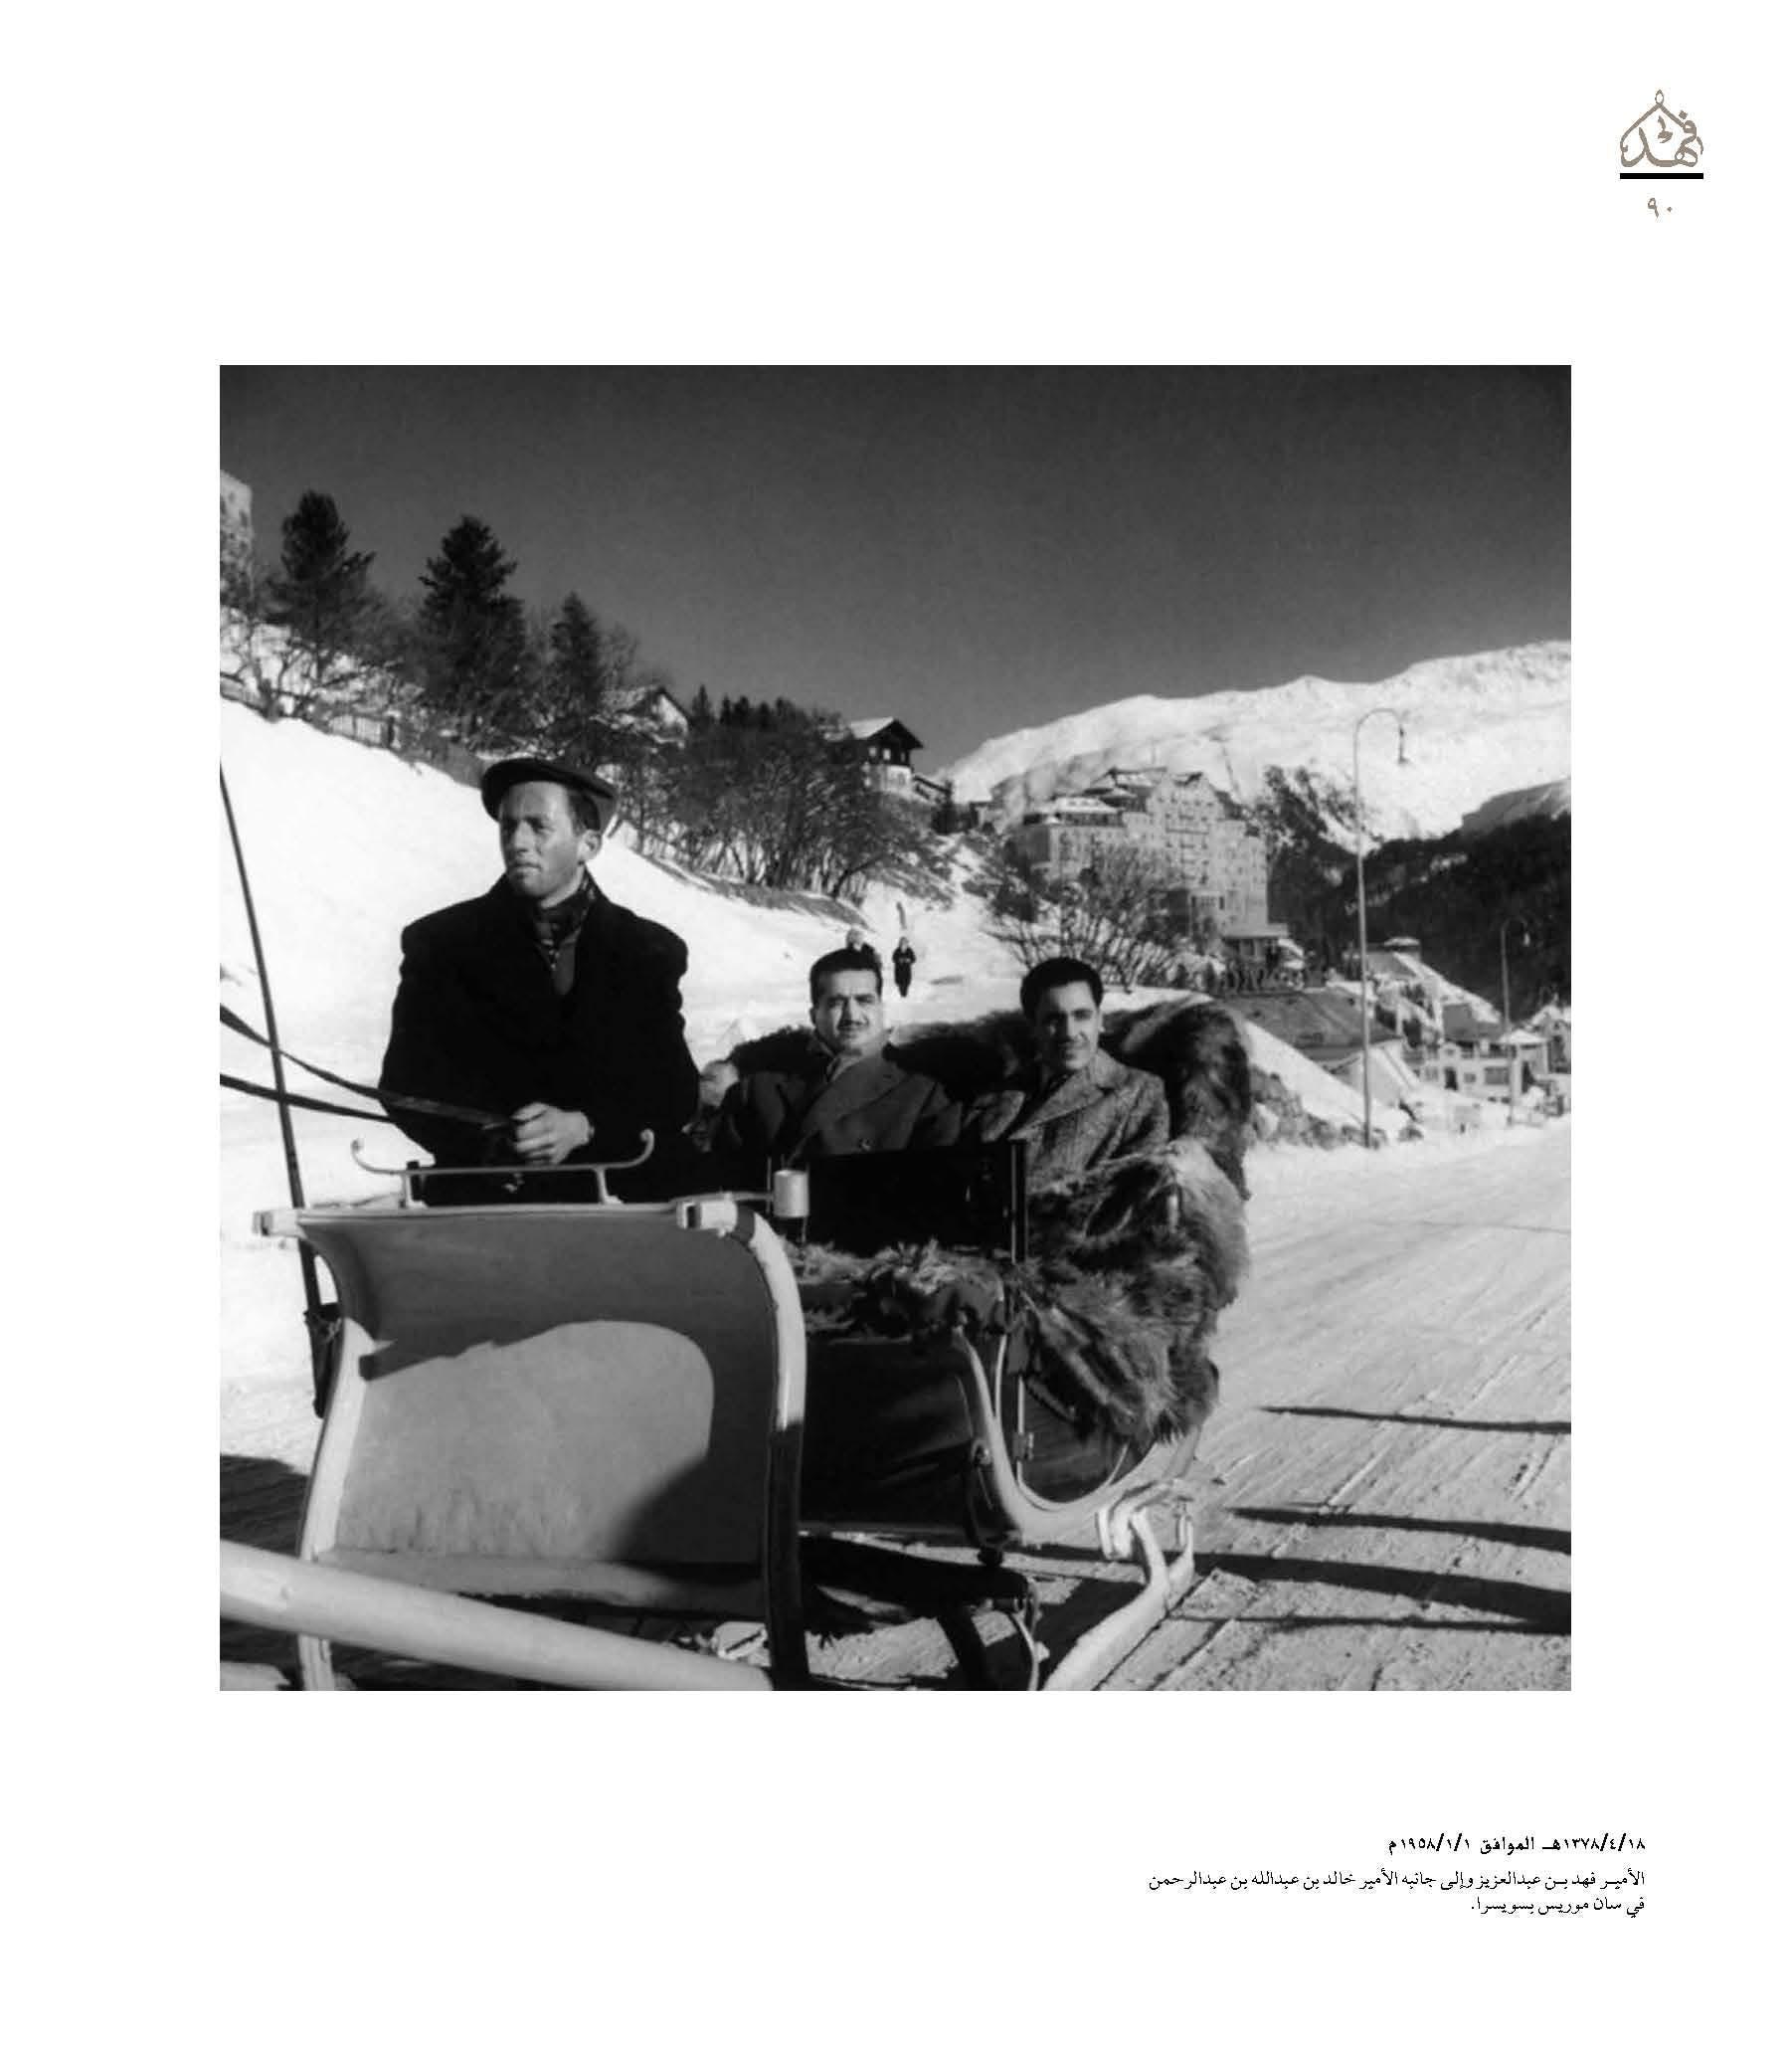 """صور نادرة للملك فهد في """"كتاب"""" 71bc8e5c-1603-48b8-86a1-785dee574086"""